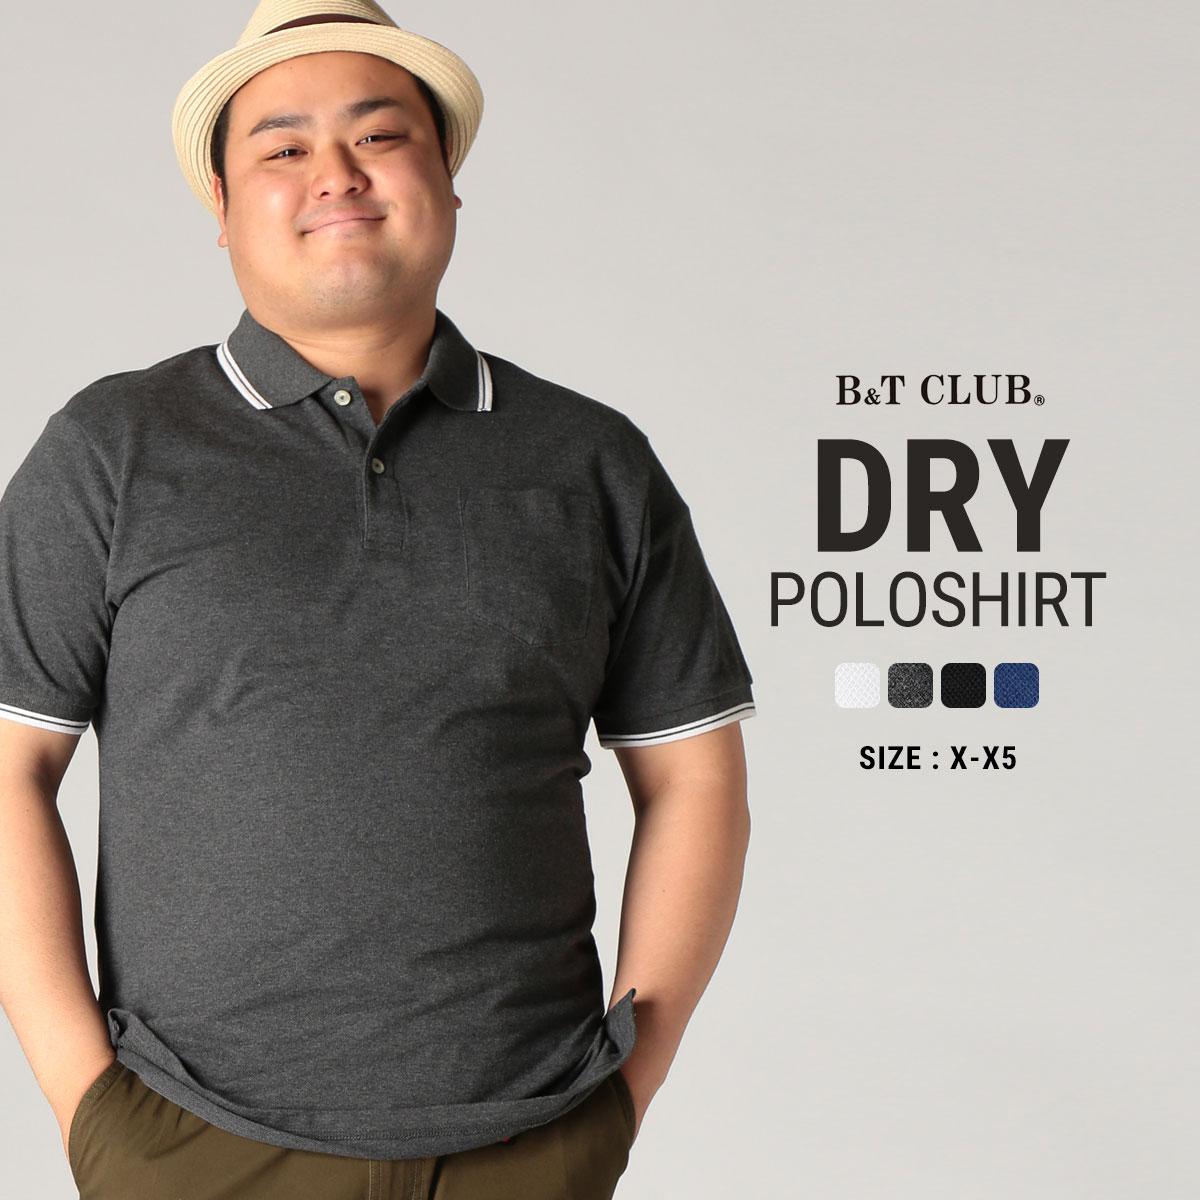 ポロシャツ 半袖 大きいサイズ メンズ 送料無料 DRY 襟袖ライン ポケット 2L-10L B&T CLUB